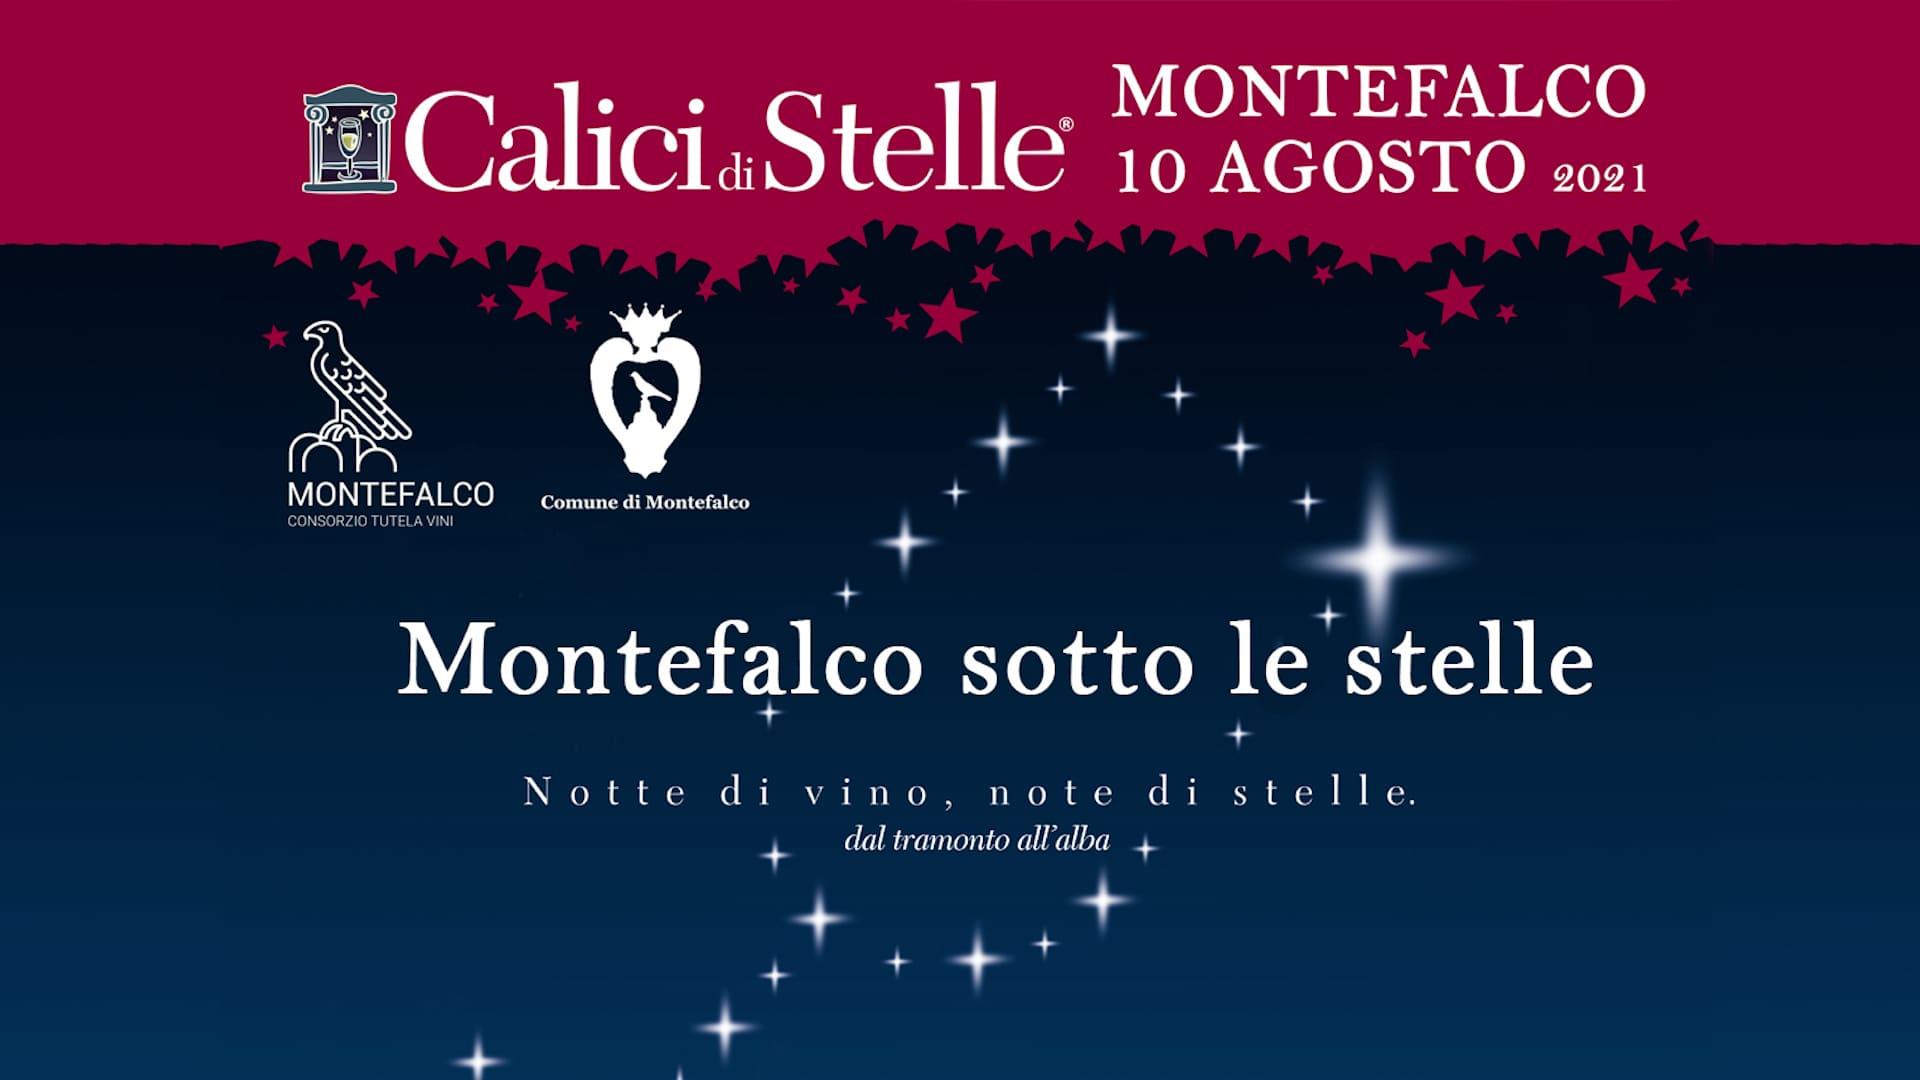 Il 10 Agosto, nella magica notte di San Lorenzo, a Montefalco, uno dei Borghi più Belli d'Italia, all'interno del centro storico, una speciale iniziativa: in abbinamento al menù alla carta dei ristoranti, i vini delle denominazioni DOC Montefalco, DOCG Montefalco Sagrantino e DOC Spoleto.